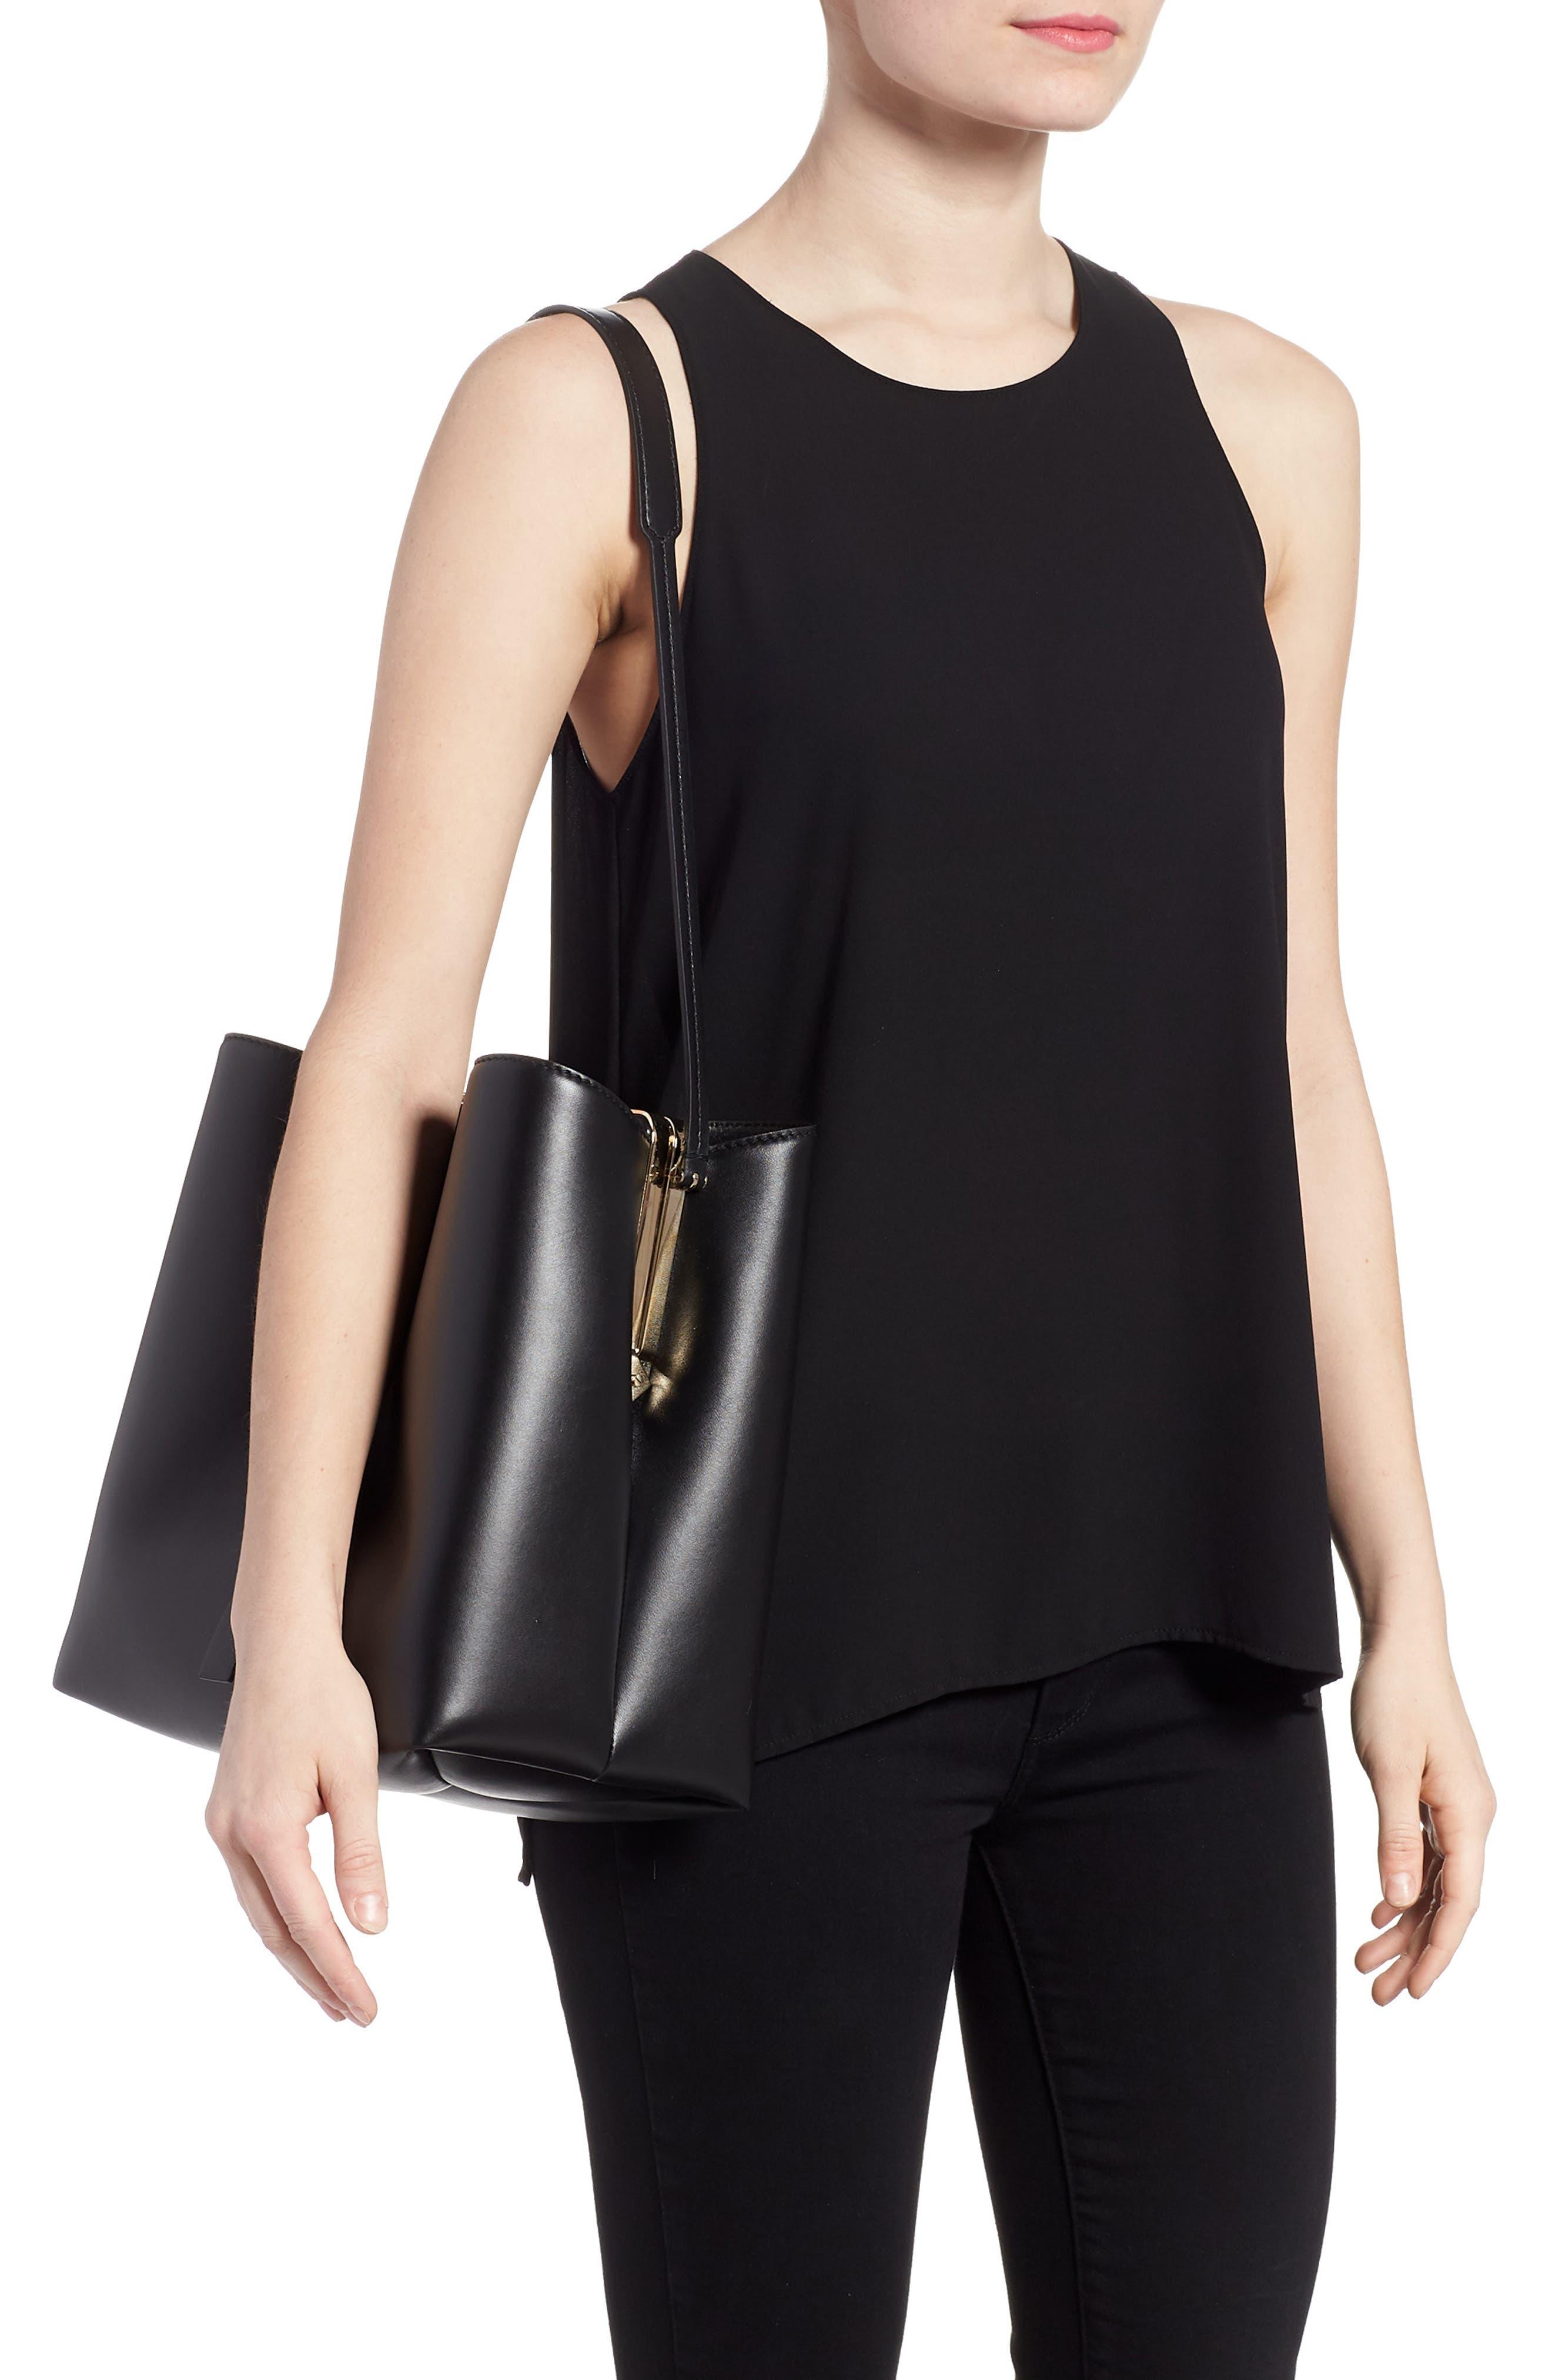 Frame Leather Shoulder Bag,                             Alternate thumbnail 2, color,                             BLACK/ BLACK